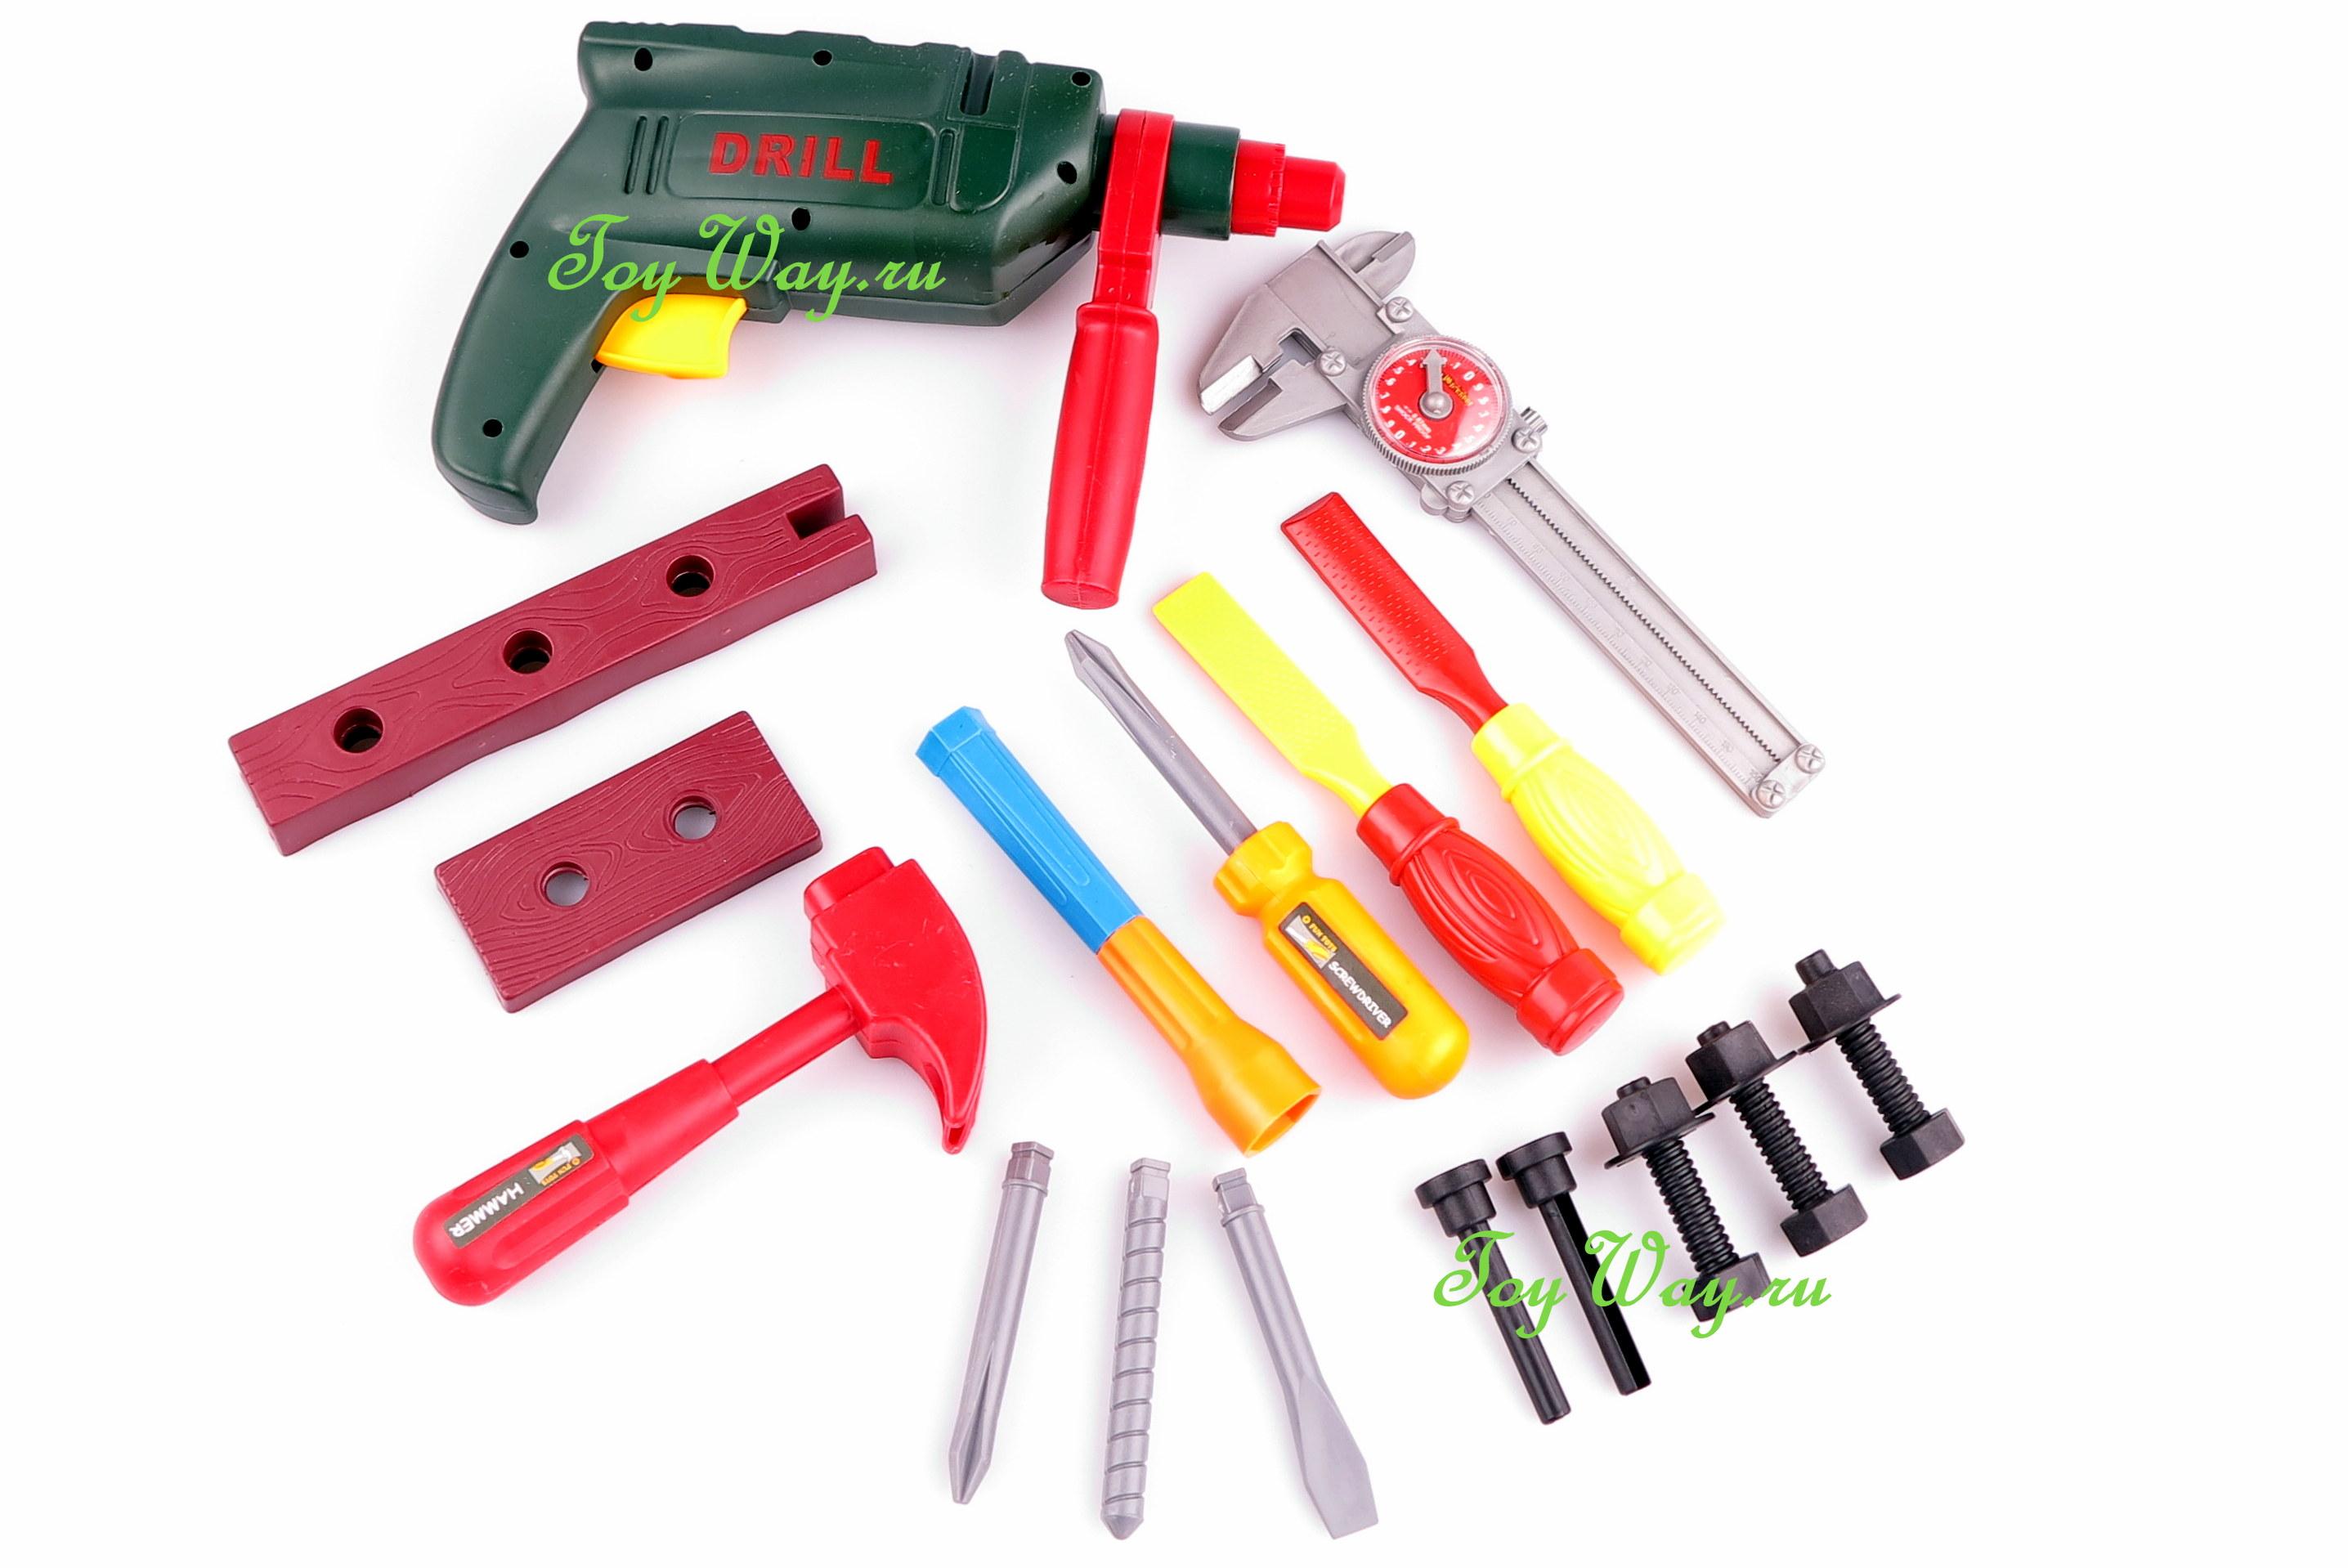 Игрушечный набор инструментов в чемодане, 20 предметовДетские мастерские, инструменты<br>Игрушечный набор инструментов в чемодане, 20 предметов<br>